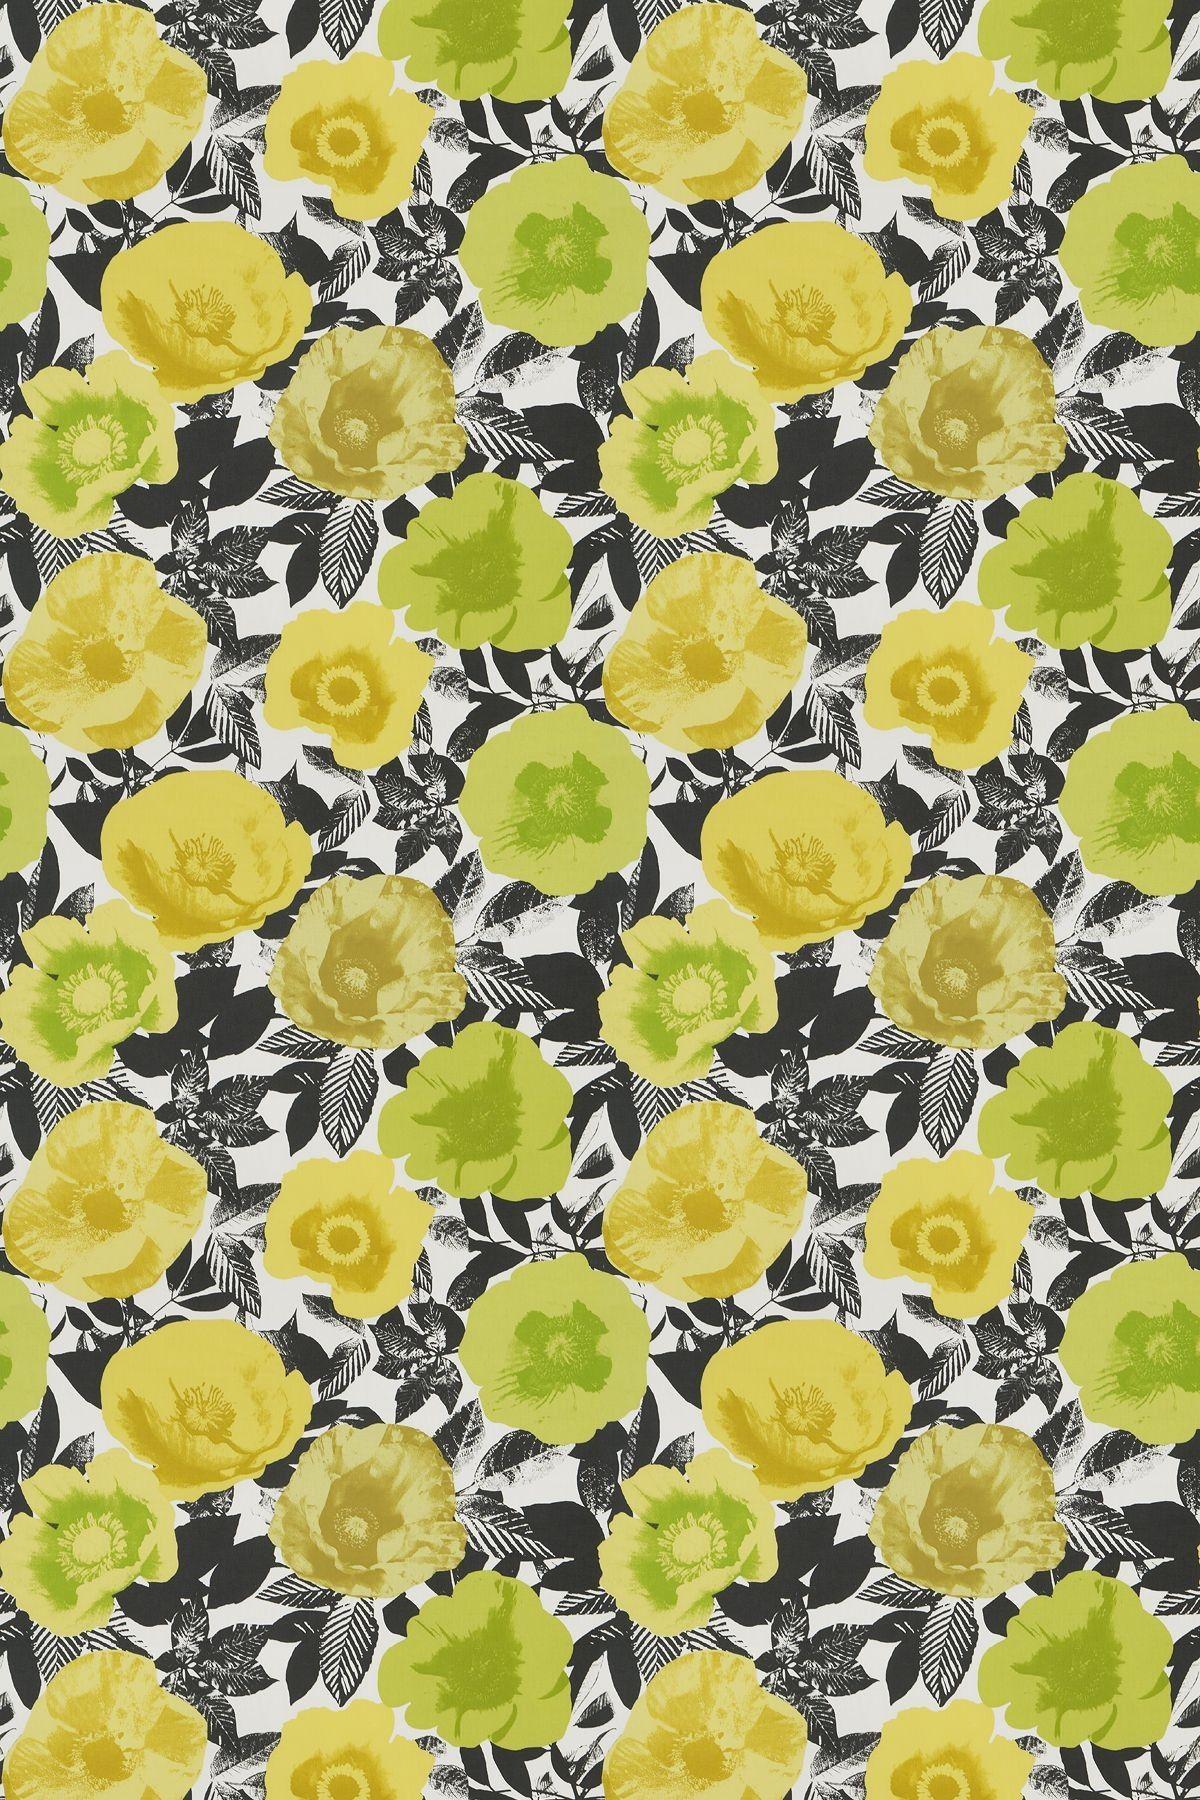 Madone Citrus Prestigious Fabrics A Contemporary